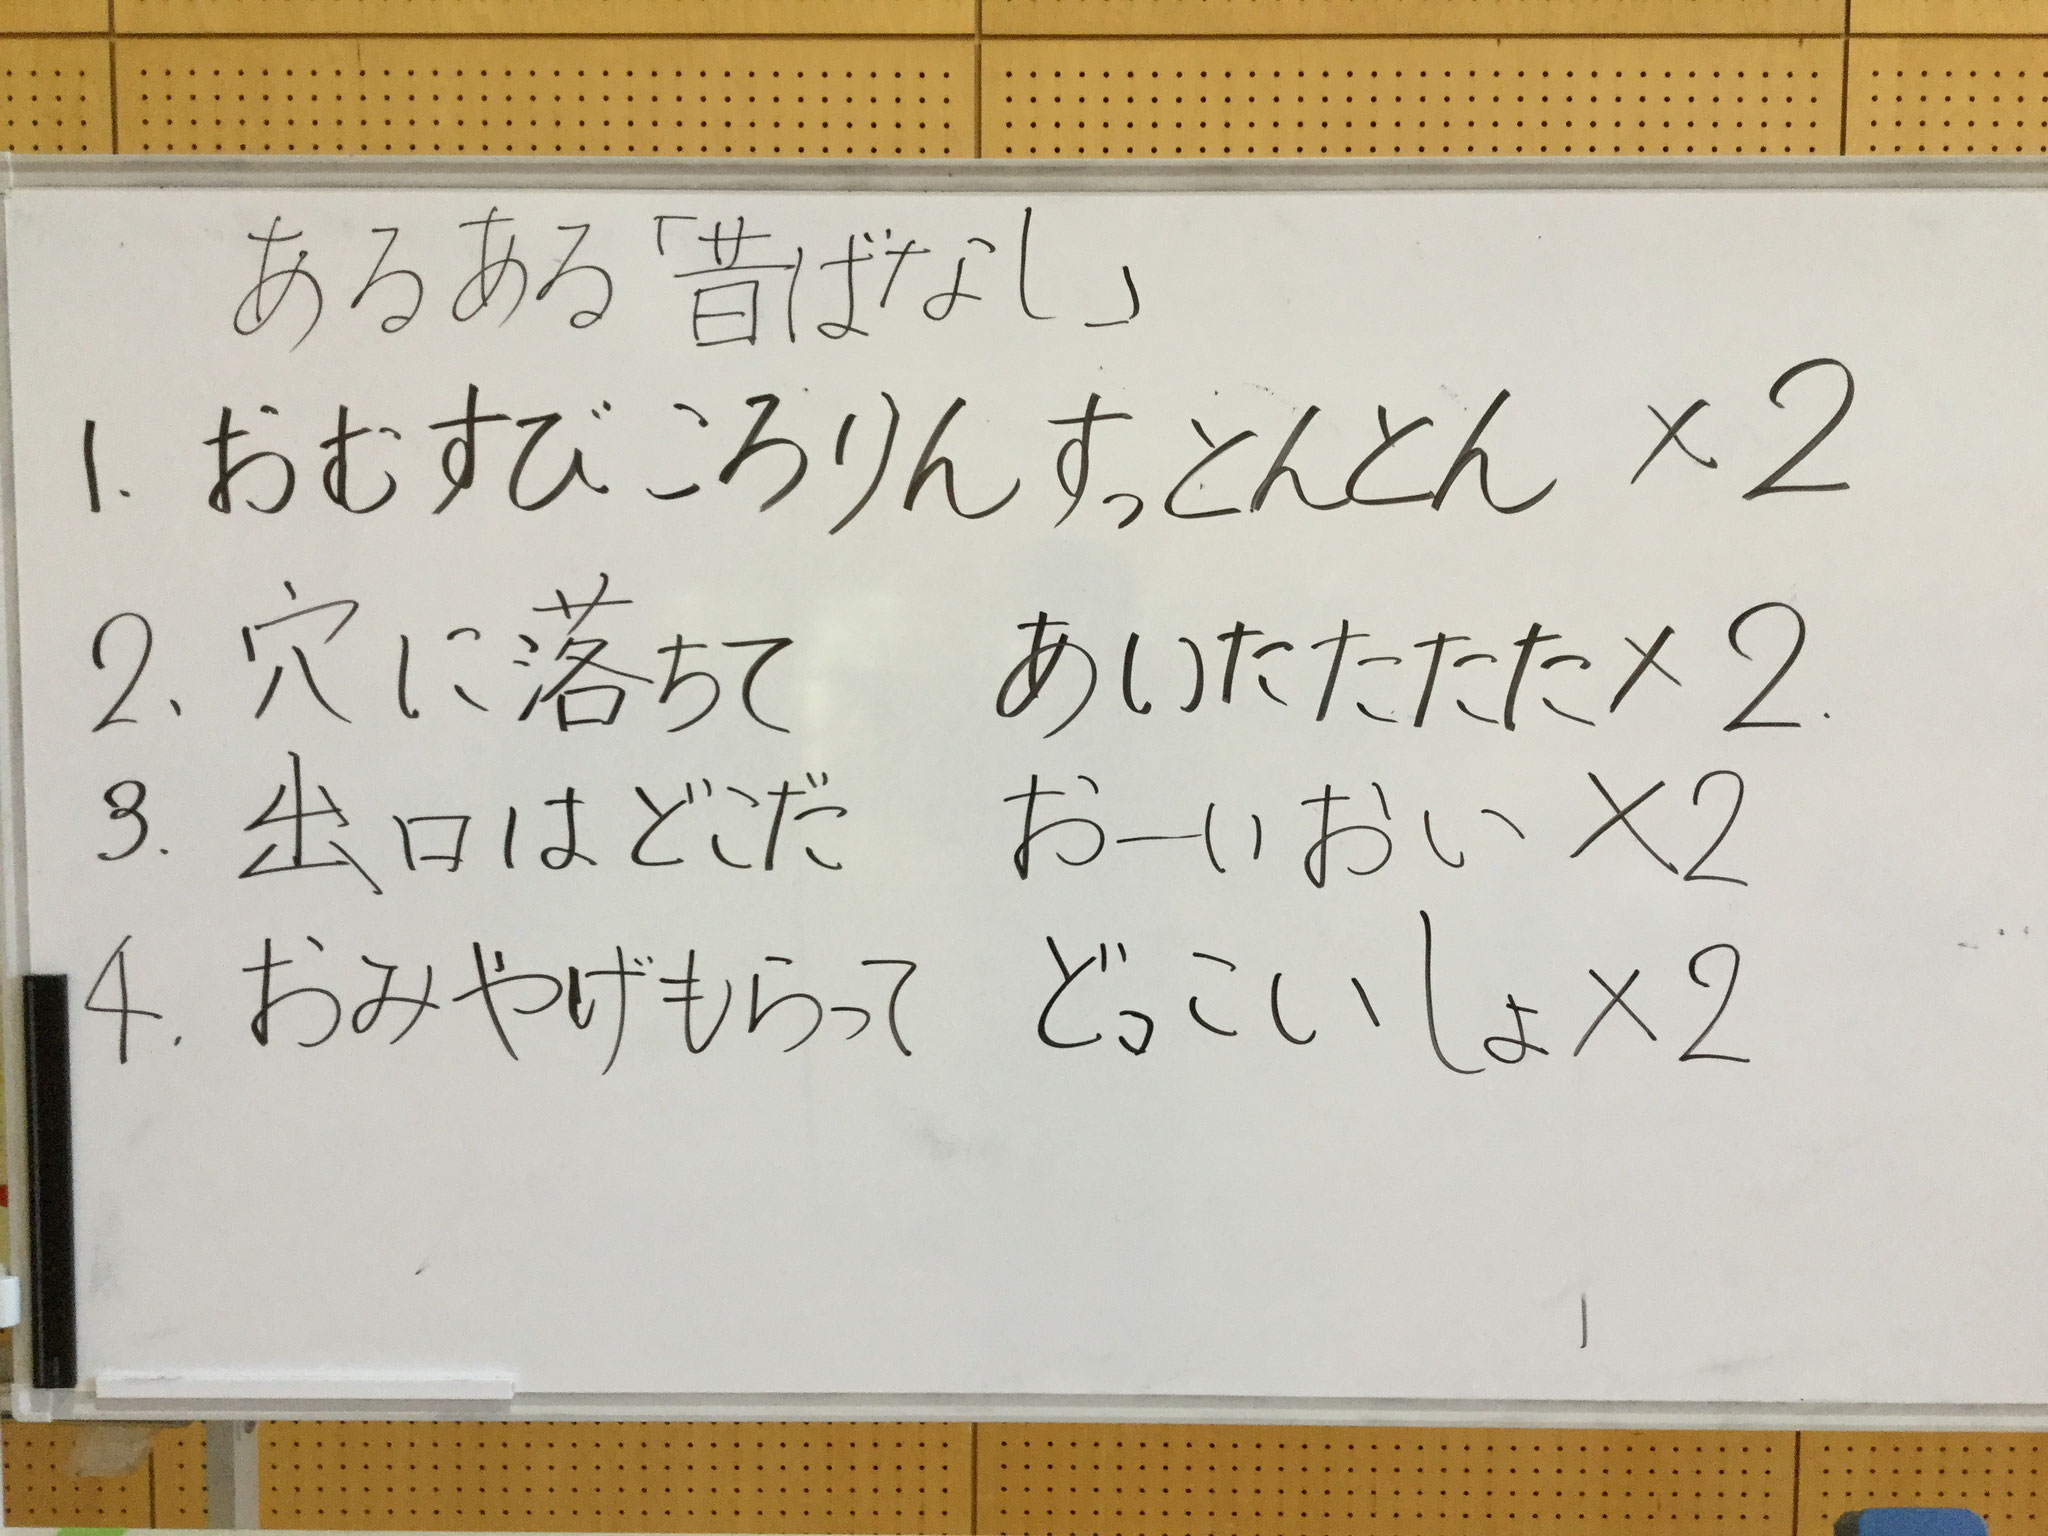 あるあるダンス(山下先生ver.)